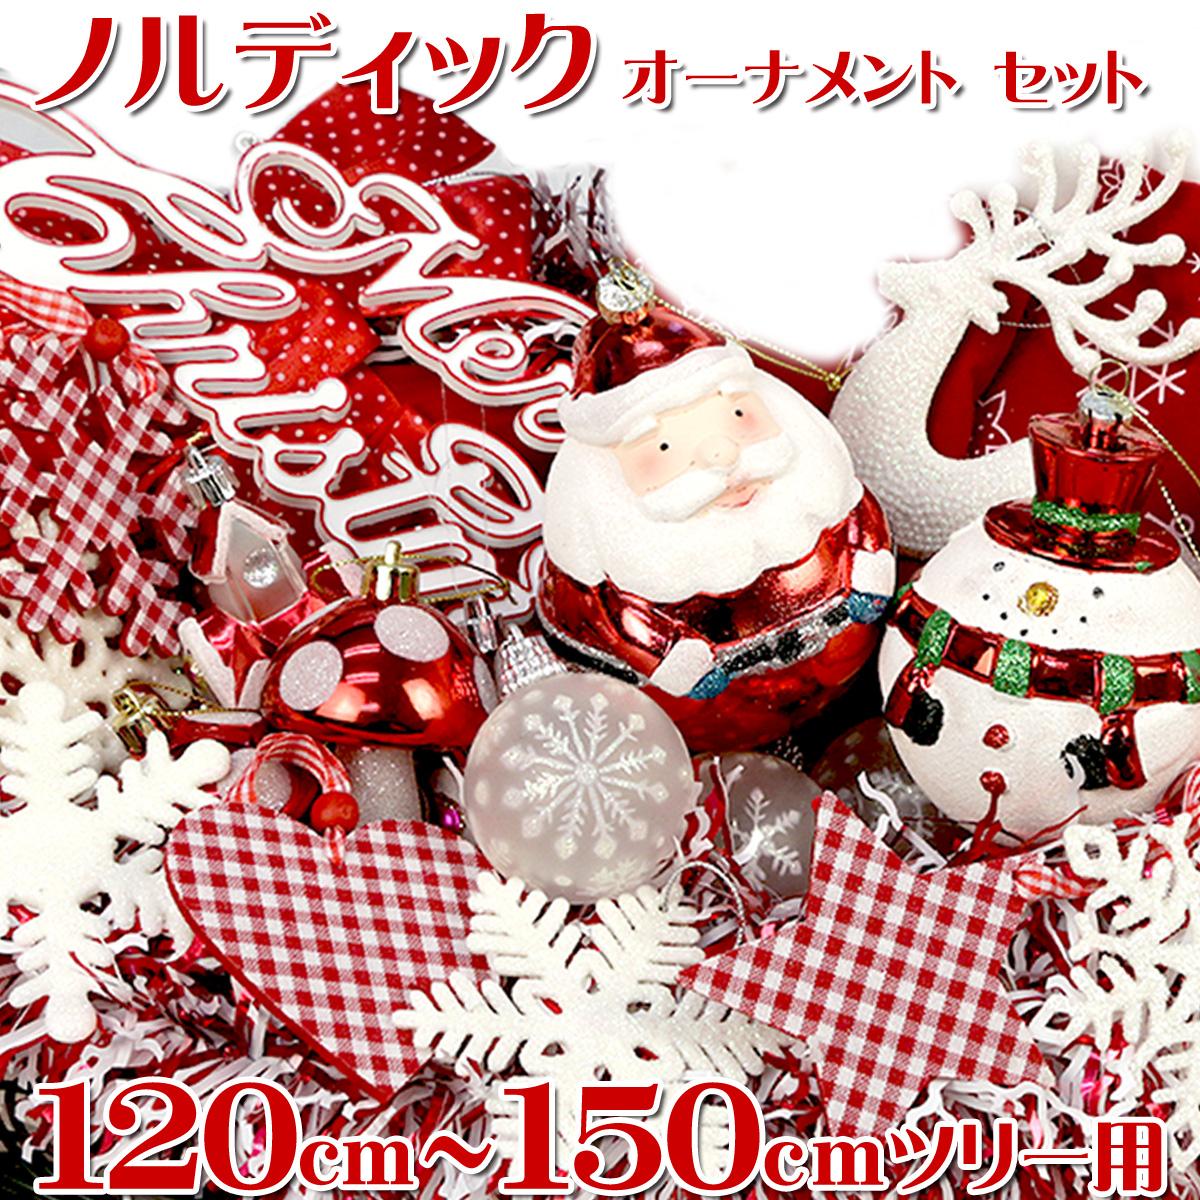 【クーポン使用で10%OFF対象商品】 クリスマスツリー オーナメントセット 120~150cm ノルディック 北欧 飾り セット